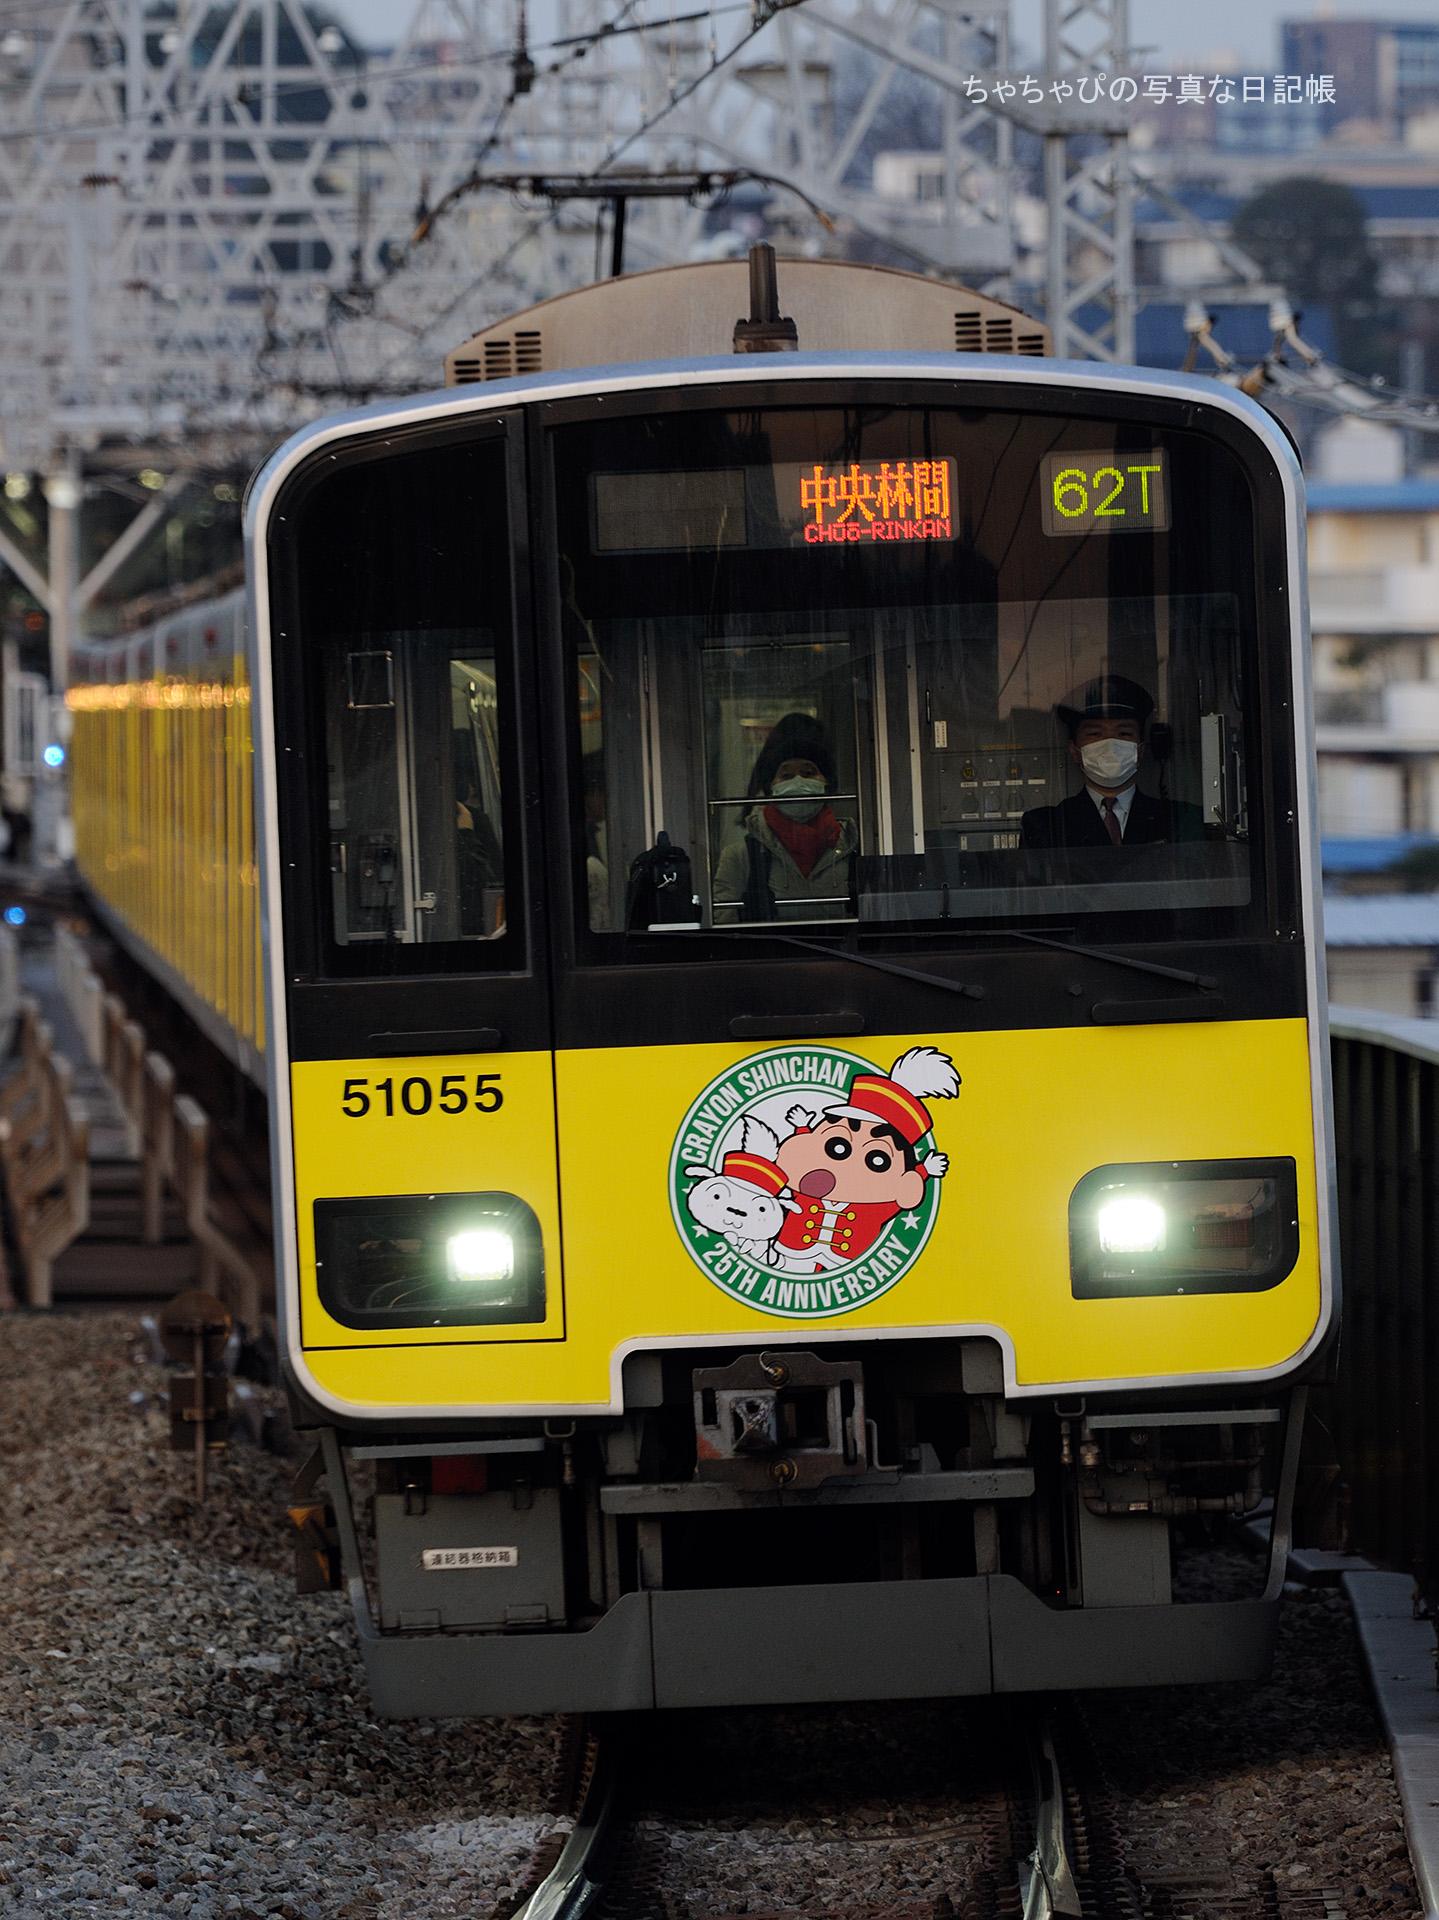 東急田園都市線 二子新地駅 東武50050系 -62ゥ 51055編成-